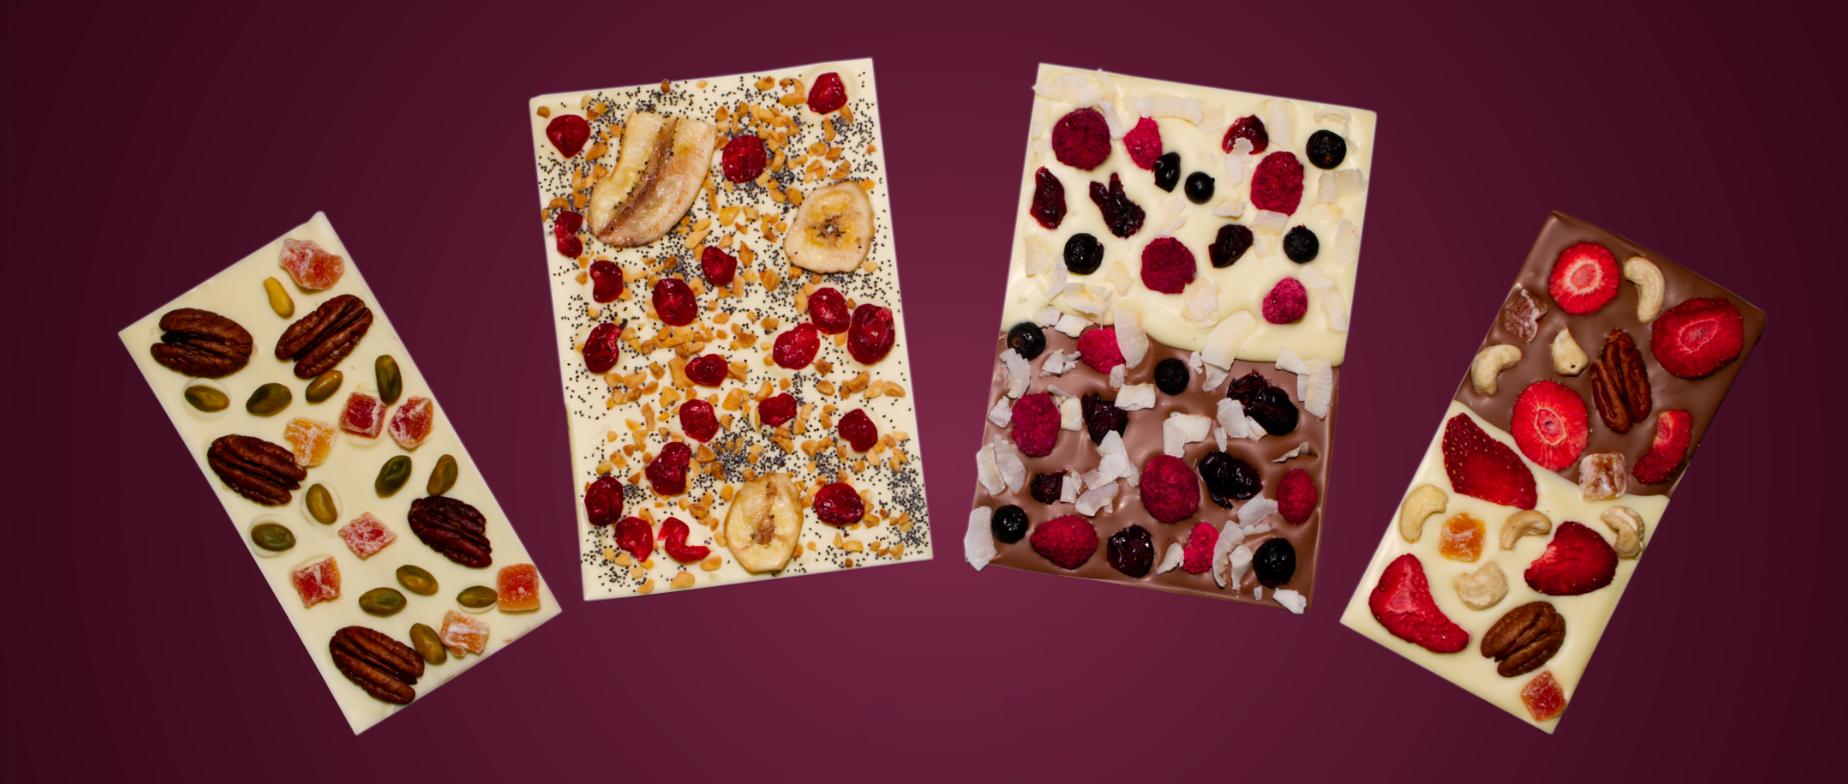 Kézműves táblás csokoládékészítő kurzus ajándékutalvány